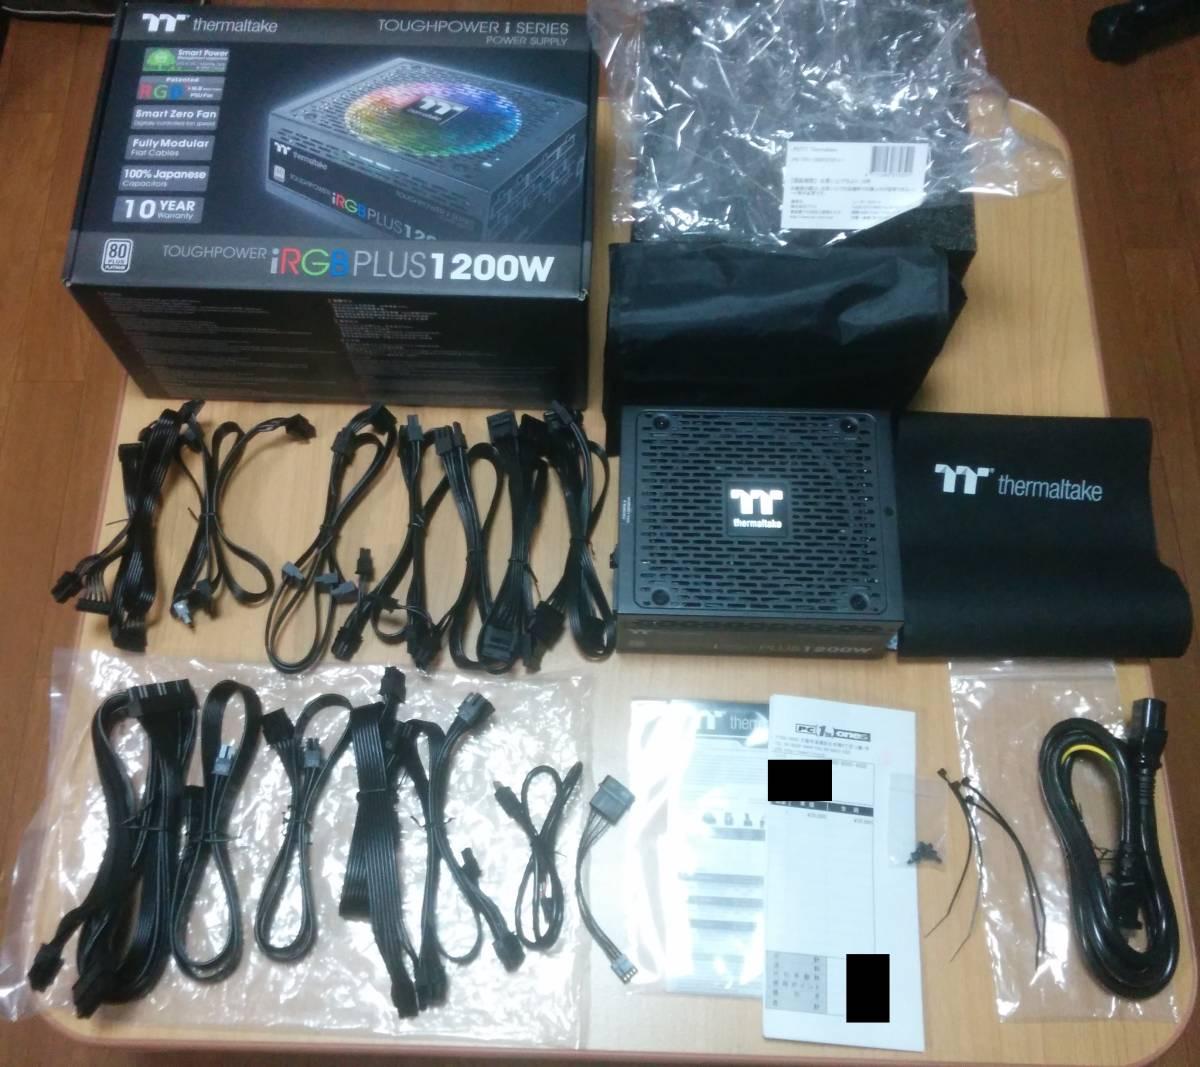 【10年保証 保証シール伝票】Thermaltake Toughpower iRGB PLUS 1200W PLATINUM PS-TPI-1200F2FDPJ-1日本製コンデンサ プラチナ電源 自作PC